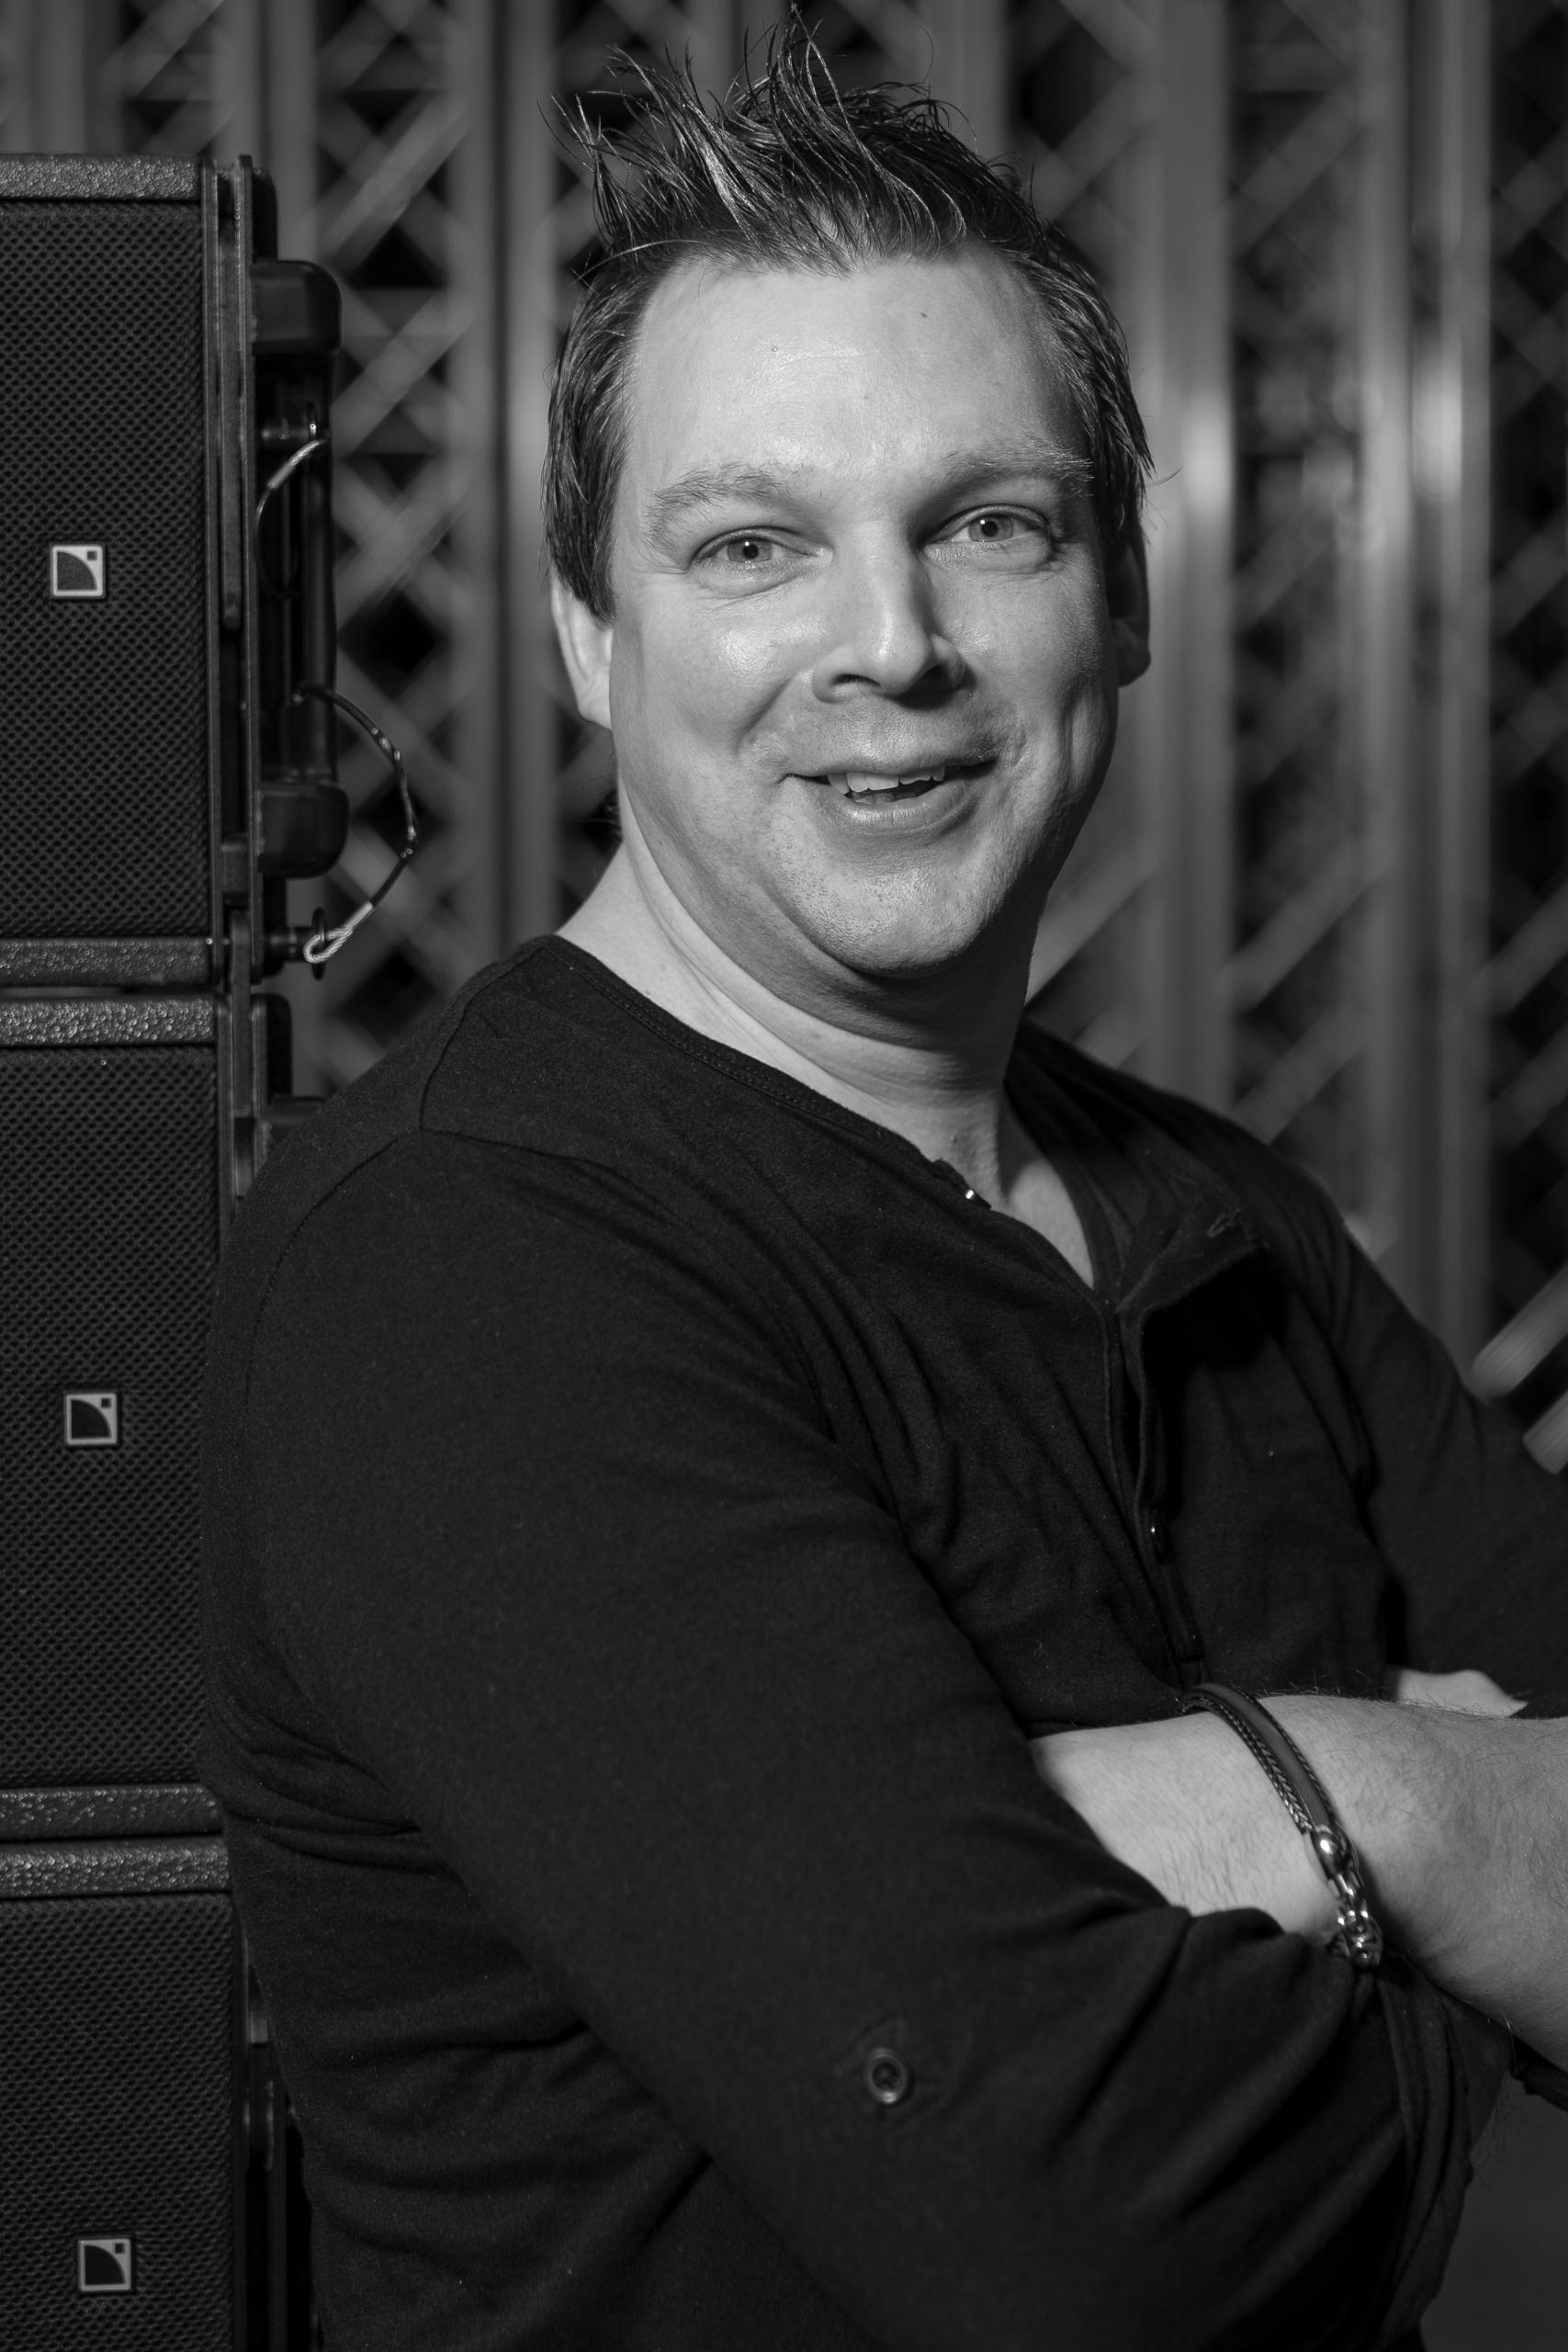 Christian Borgmann